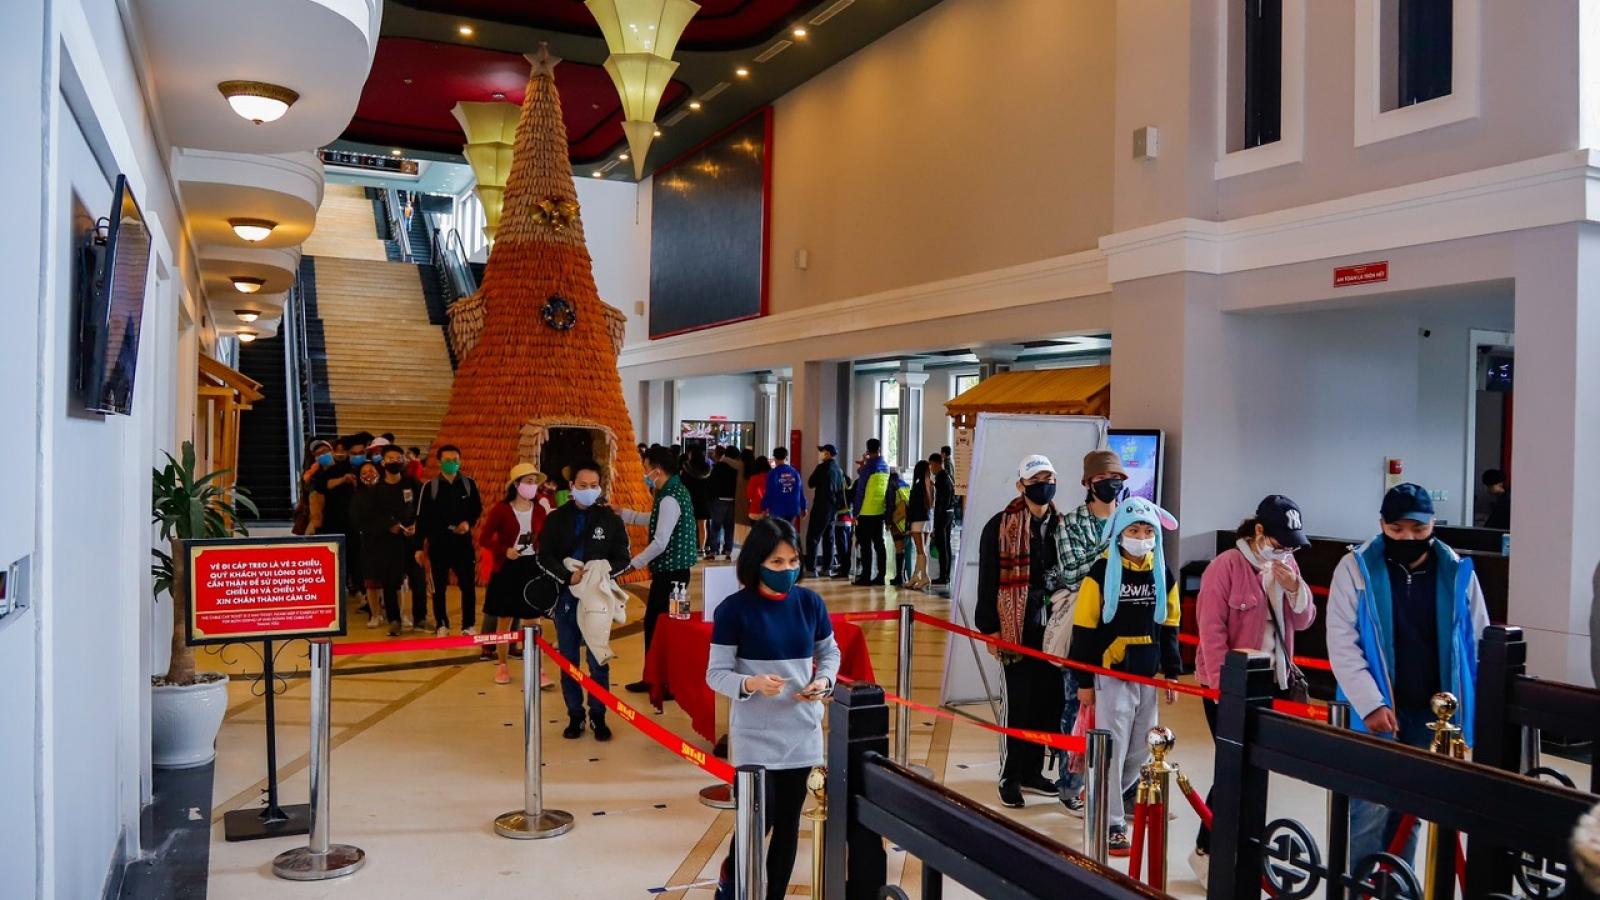 Tổng lượng khách đến Lào Cai dịp nghỉ lễ sụt giảm gần 90% so với cùng kỳ